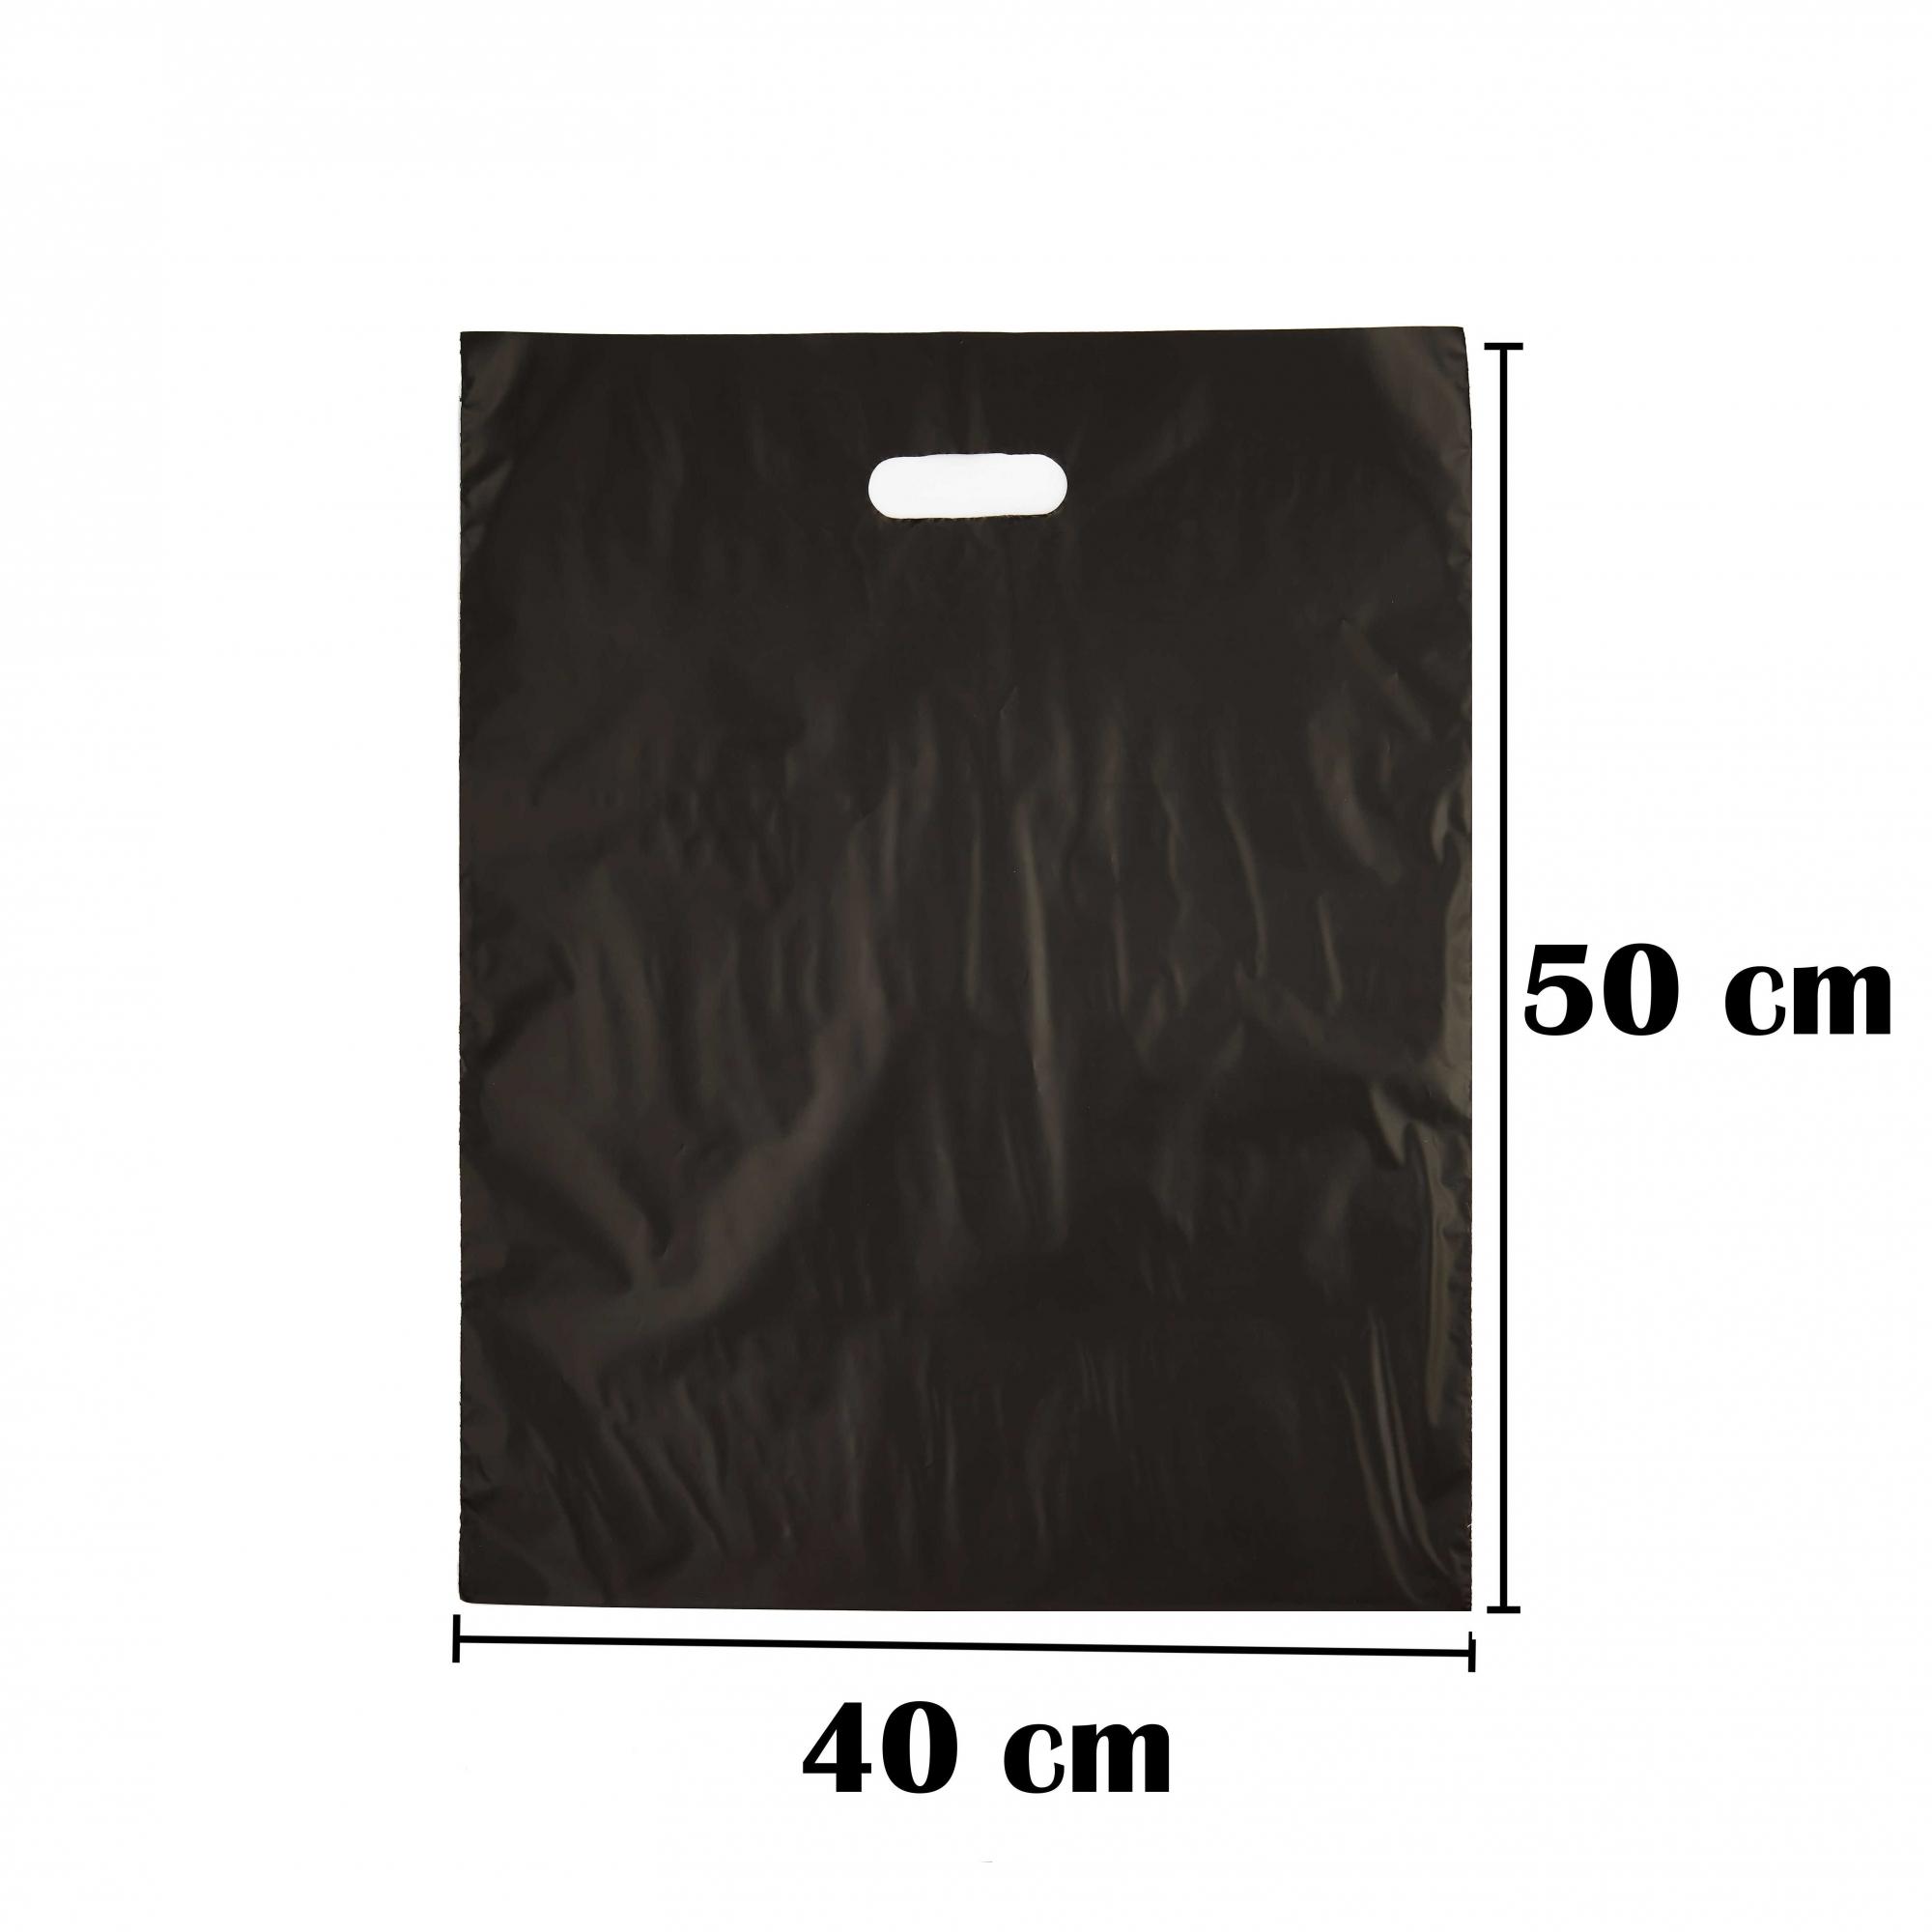 Sacola Plástica 40x50 Preta Alça Boca de Palhaço 500Unidades